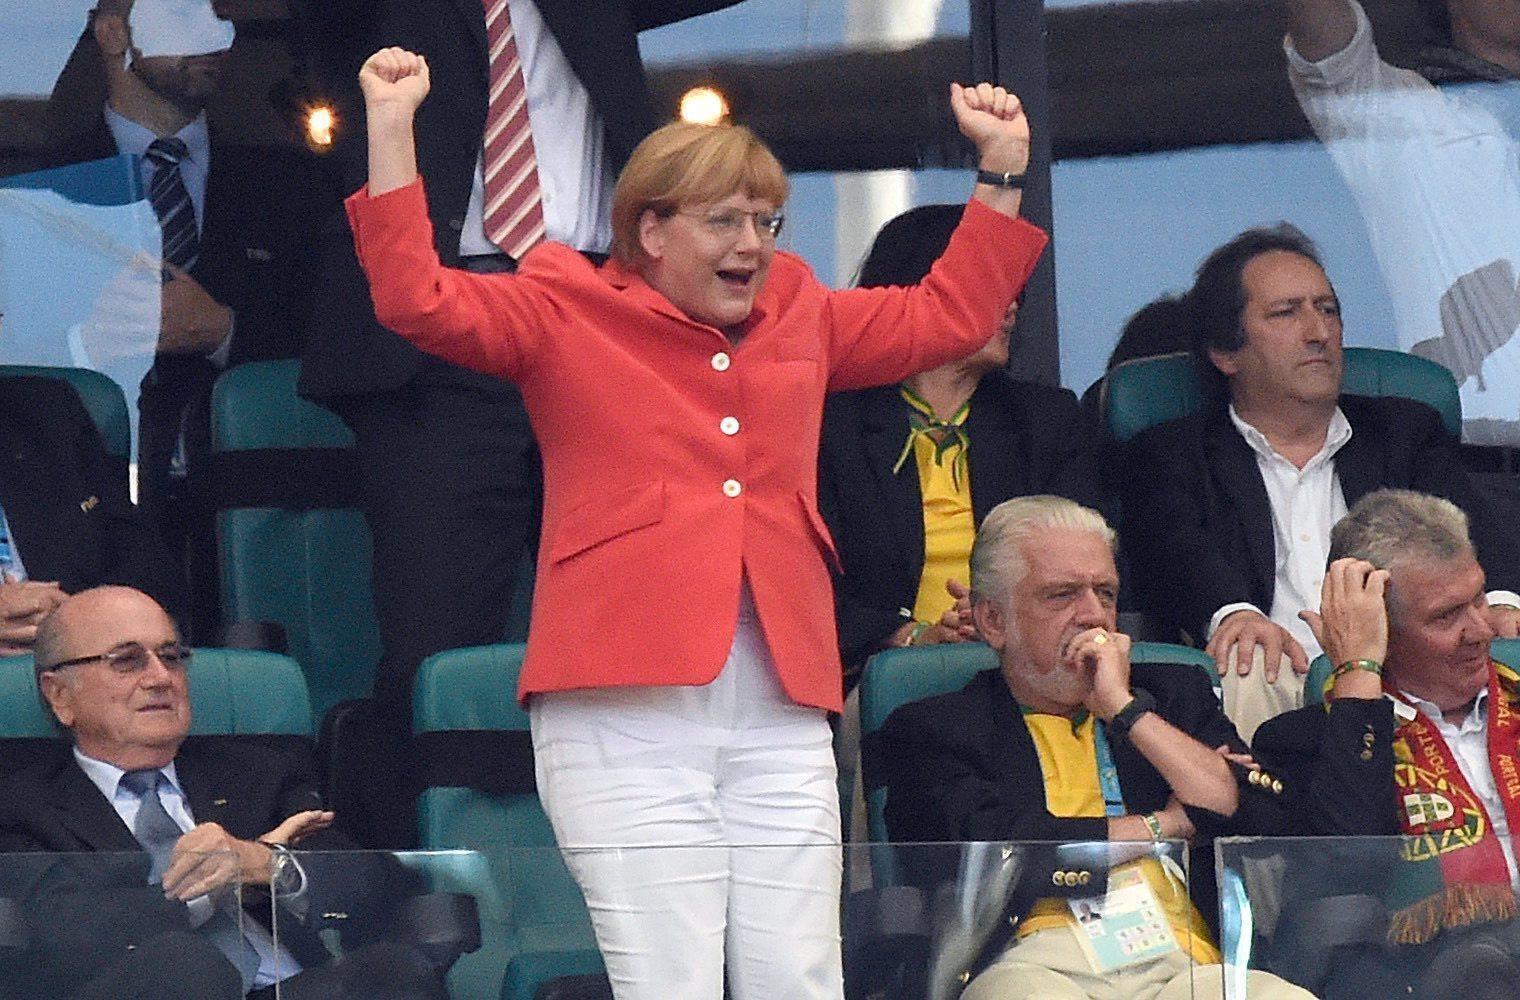 Mondiali 2014, la Germania cala il poker contro il Portogallo sotto gli occhi soddisatti della Merkel